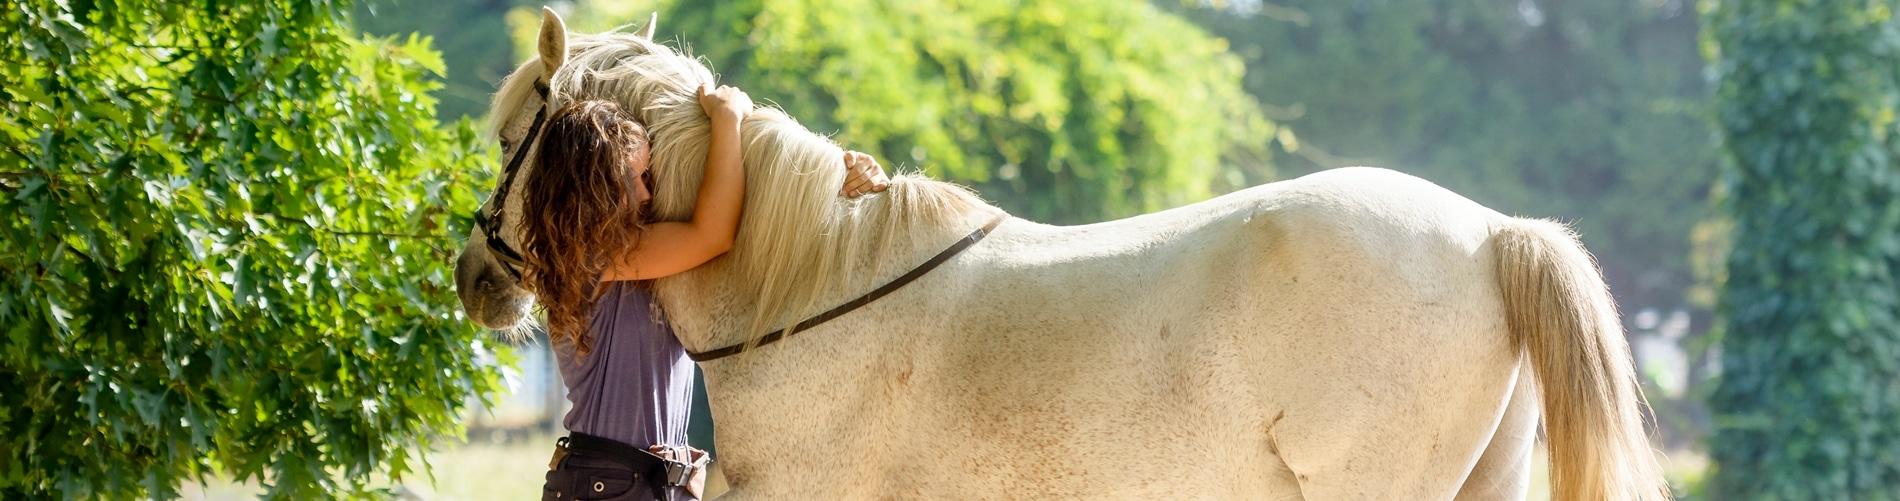 Pferd wird von Frau umamt